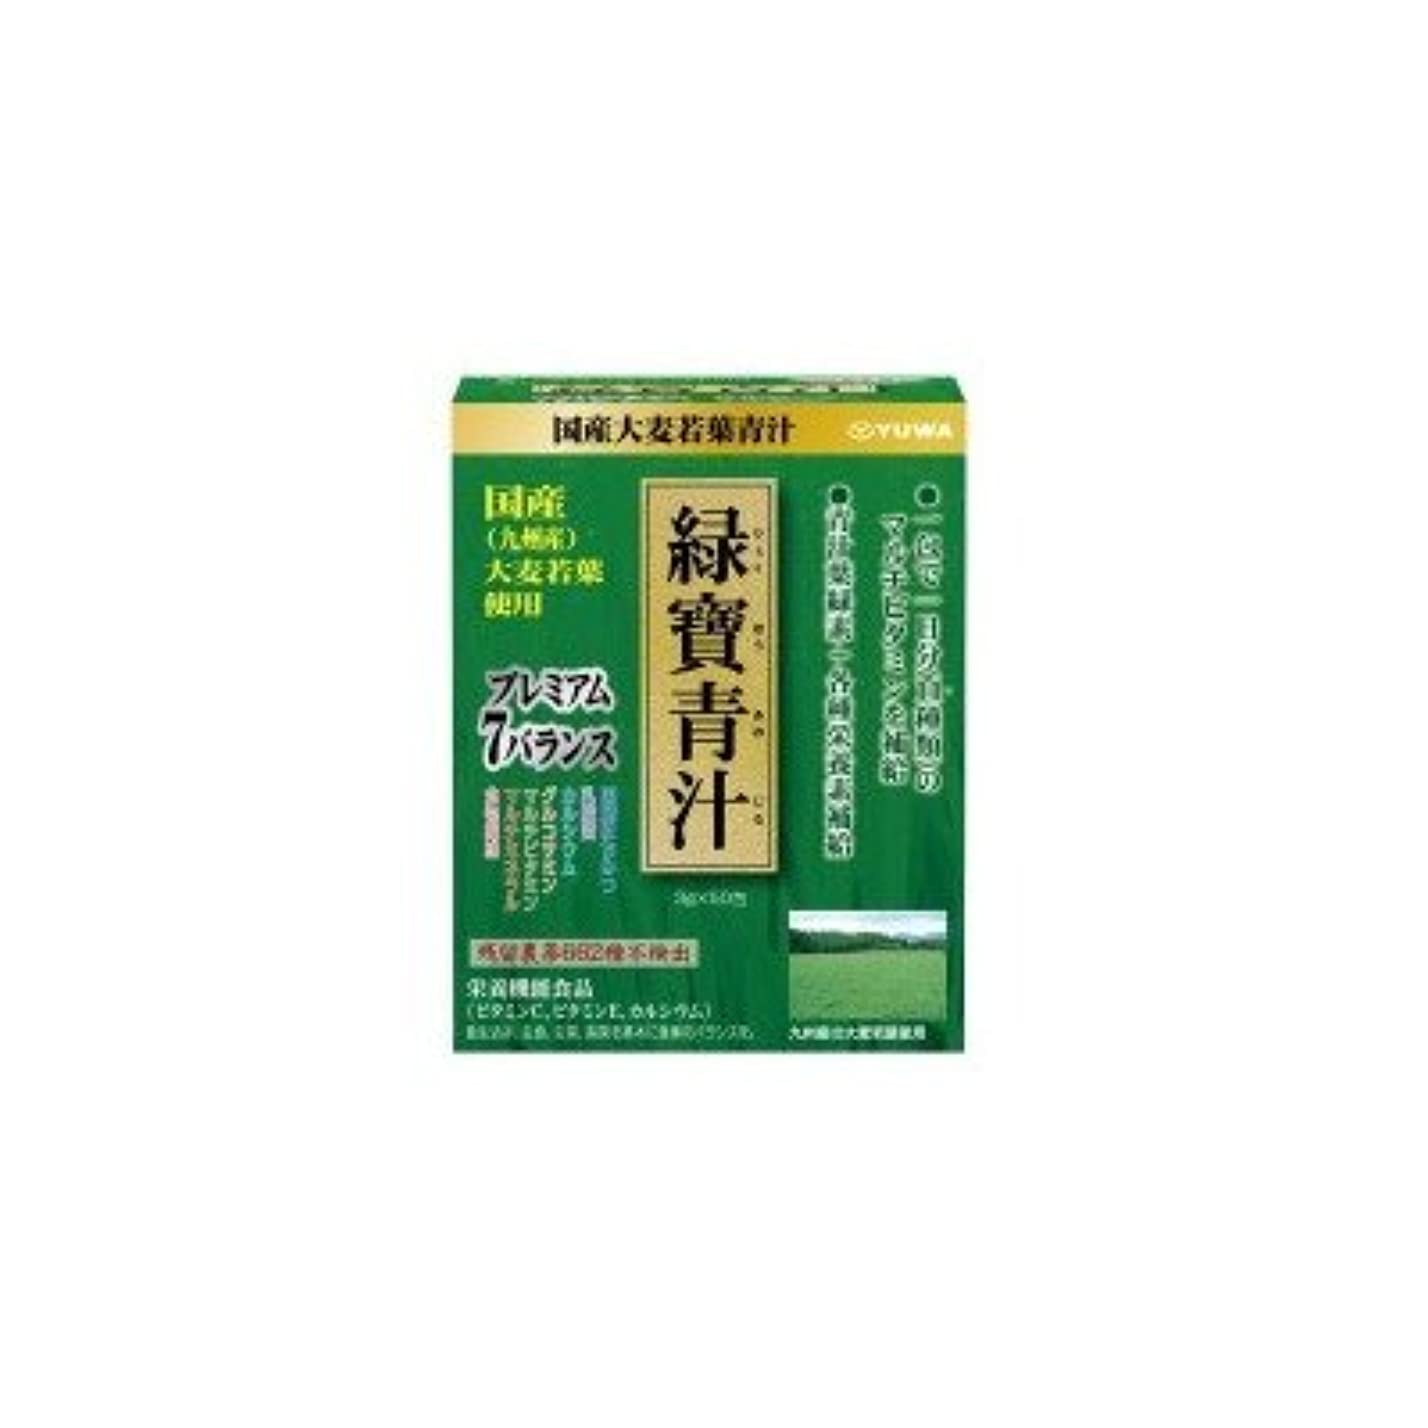 ゆり展望台バルクユーワ 九州産大麦若葉使用 緑寶青汁 150g(3g×50包) 2865